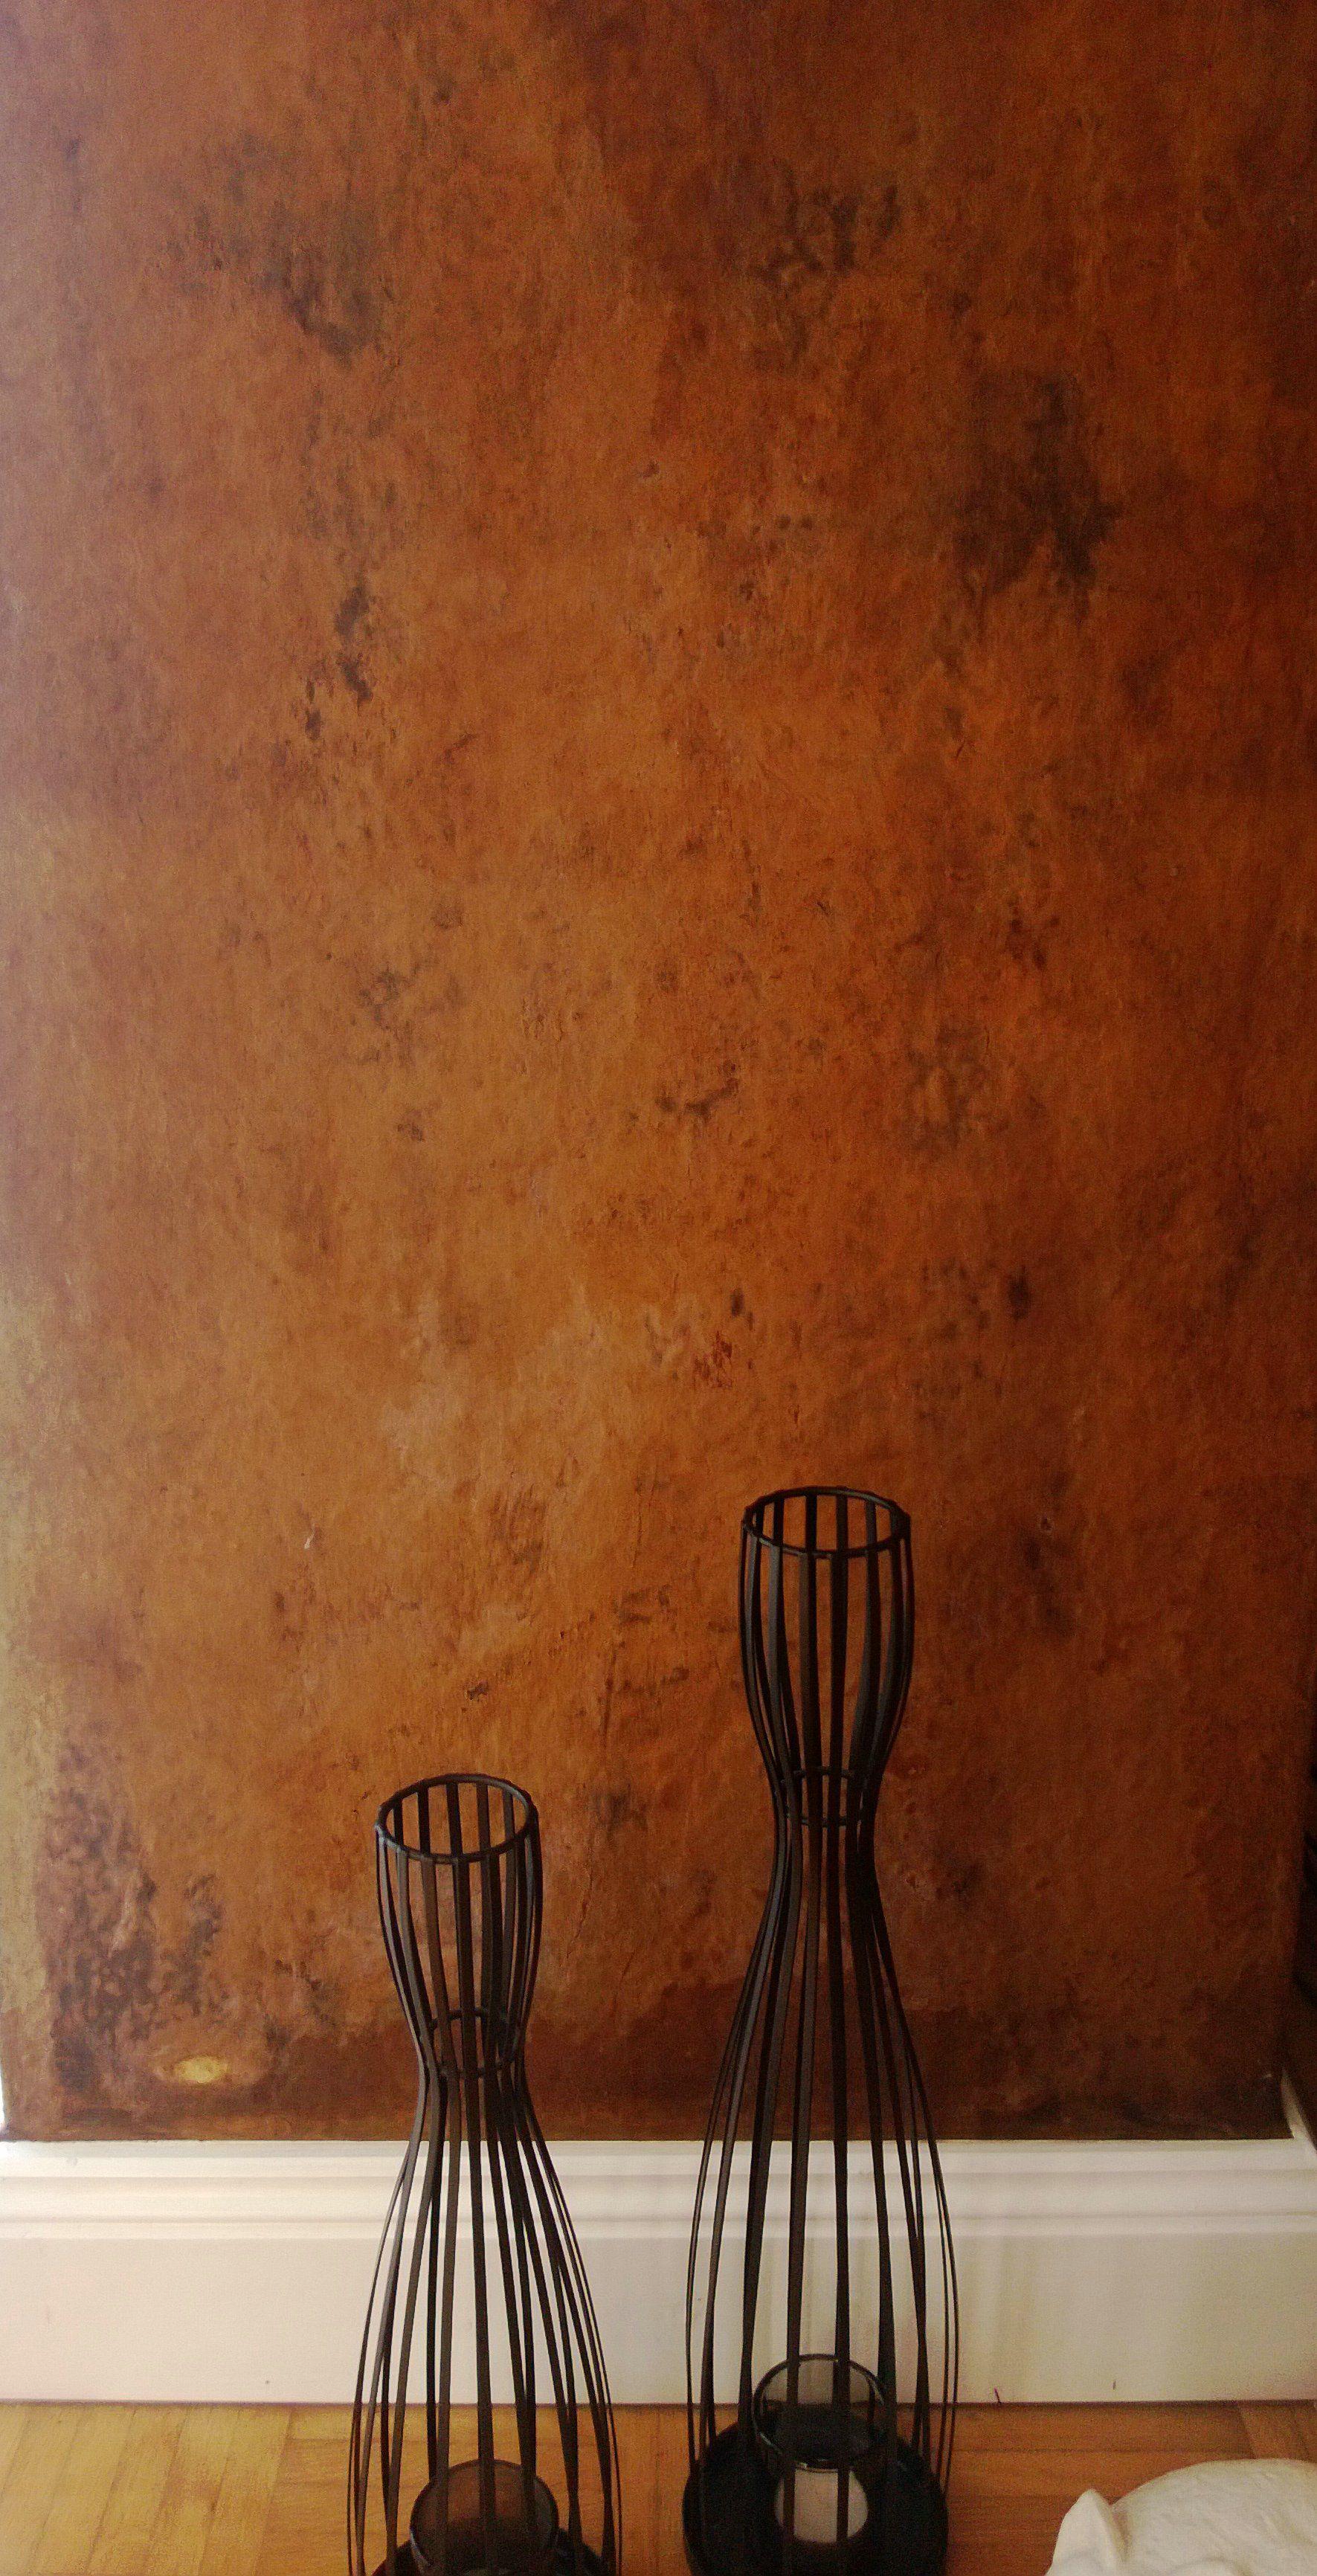 Rostoptik Flussigeisen Mit Aktivator Von Farbwerk Maleco Hamburg Foto Und Verarbeiter Malerbetrieb Frank Jordan Rat Wandgestaltung Ratekau Malerbetrieb